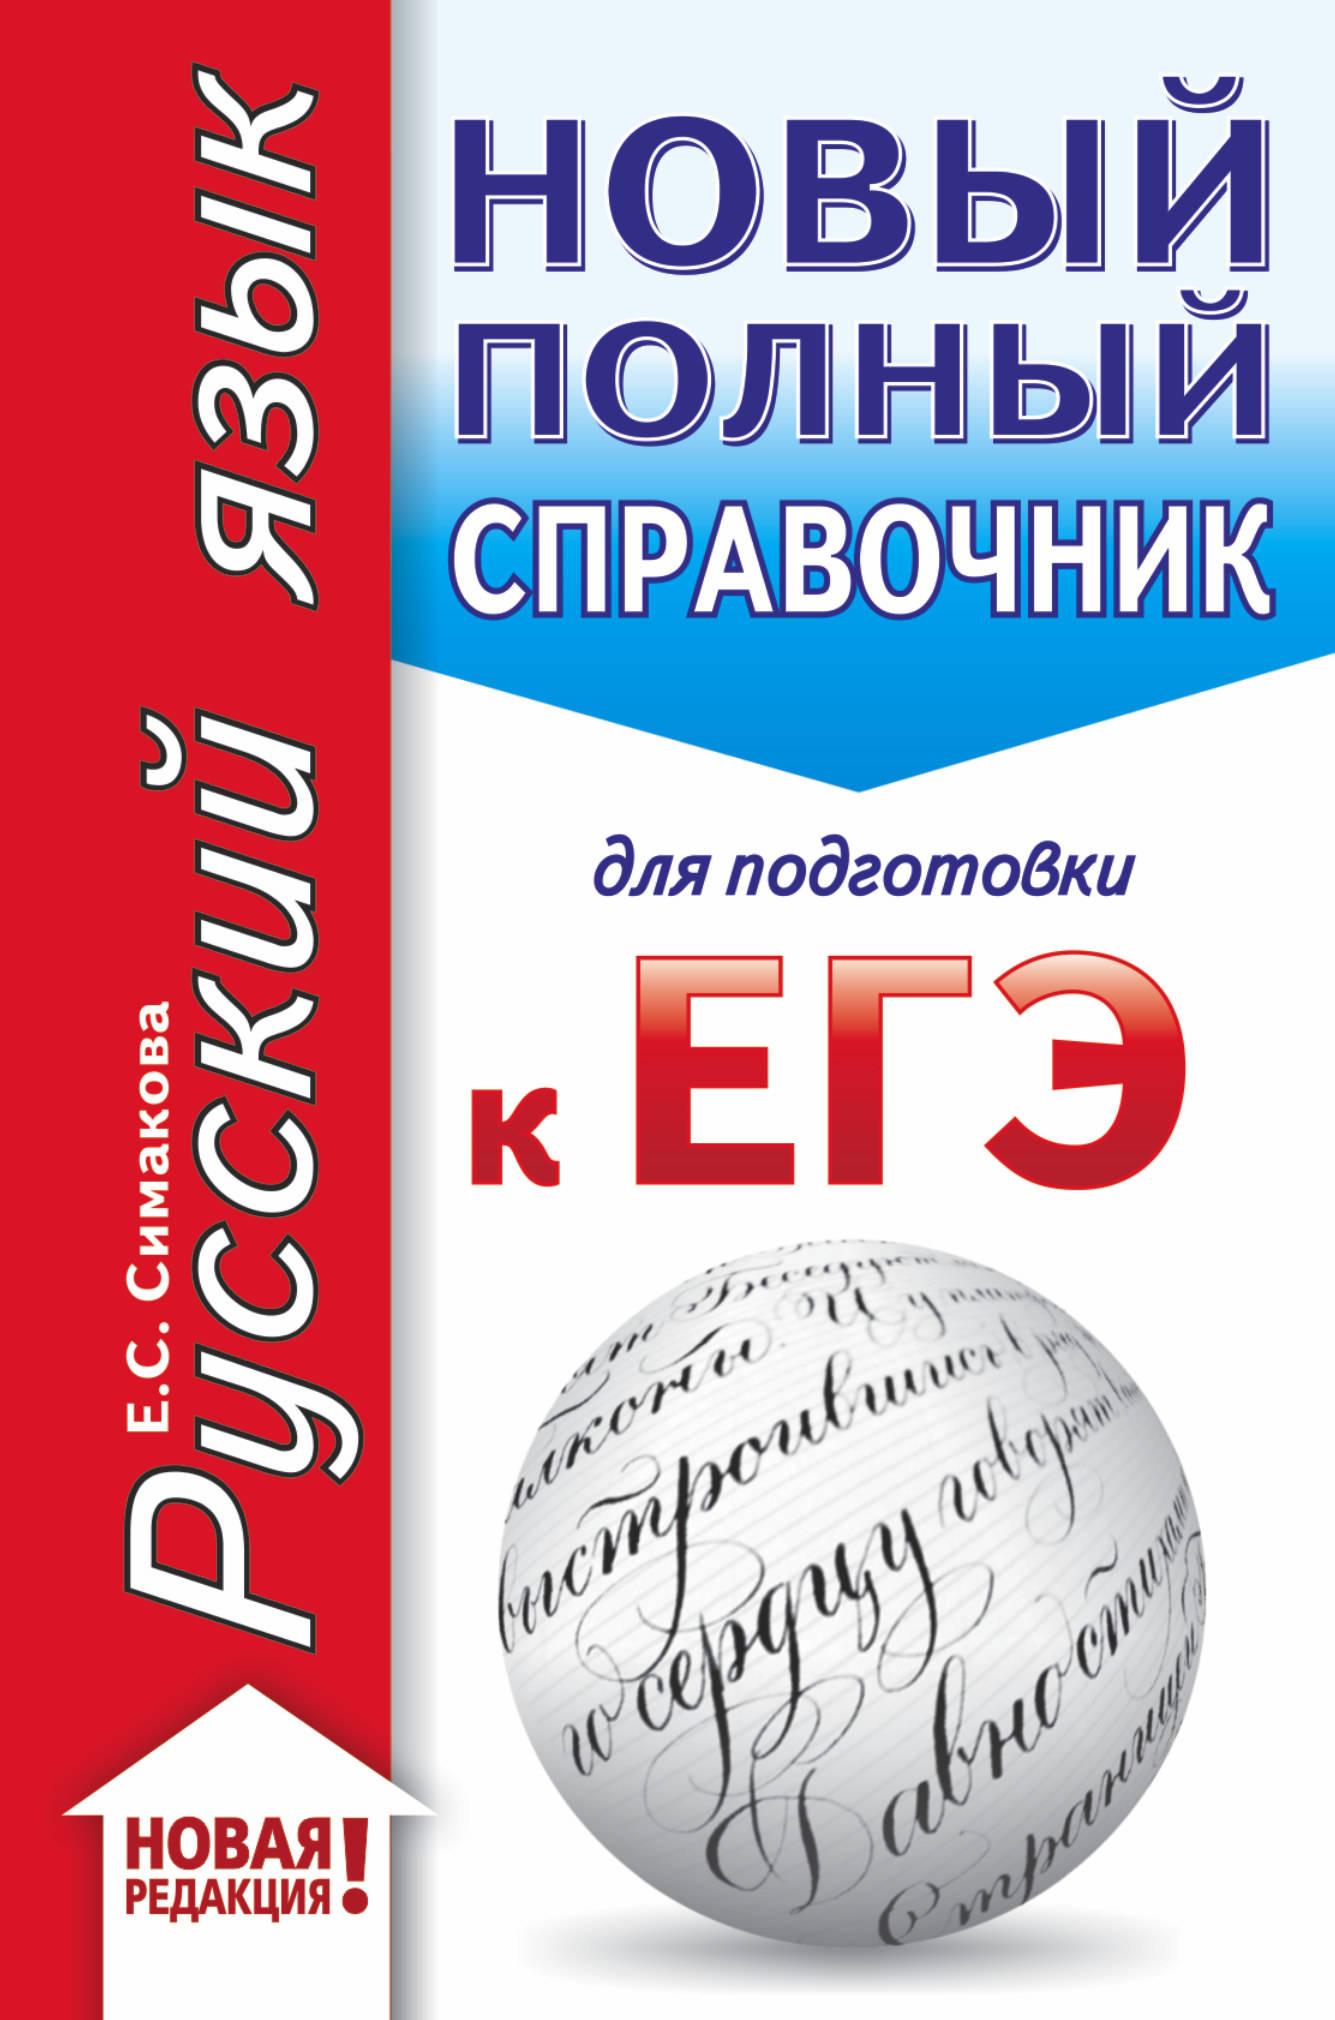 EGE. Russkij jazyk (70x90/32). Novyj polnyj spravochnik dlja podgotovki k EGE